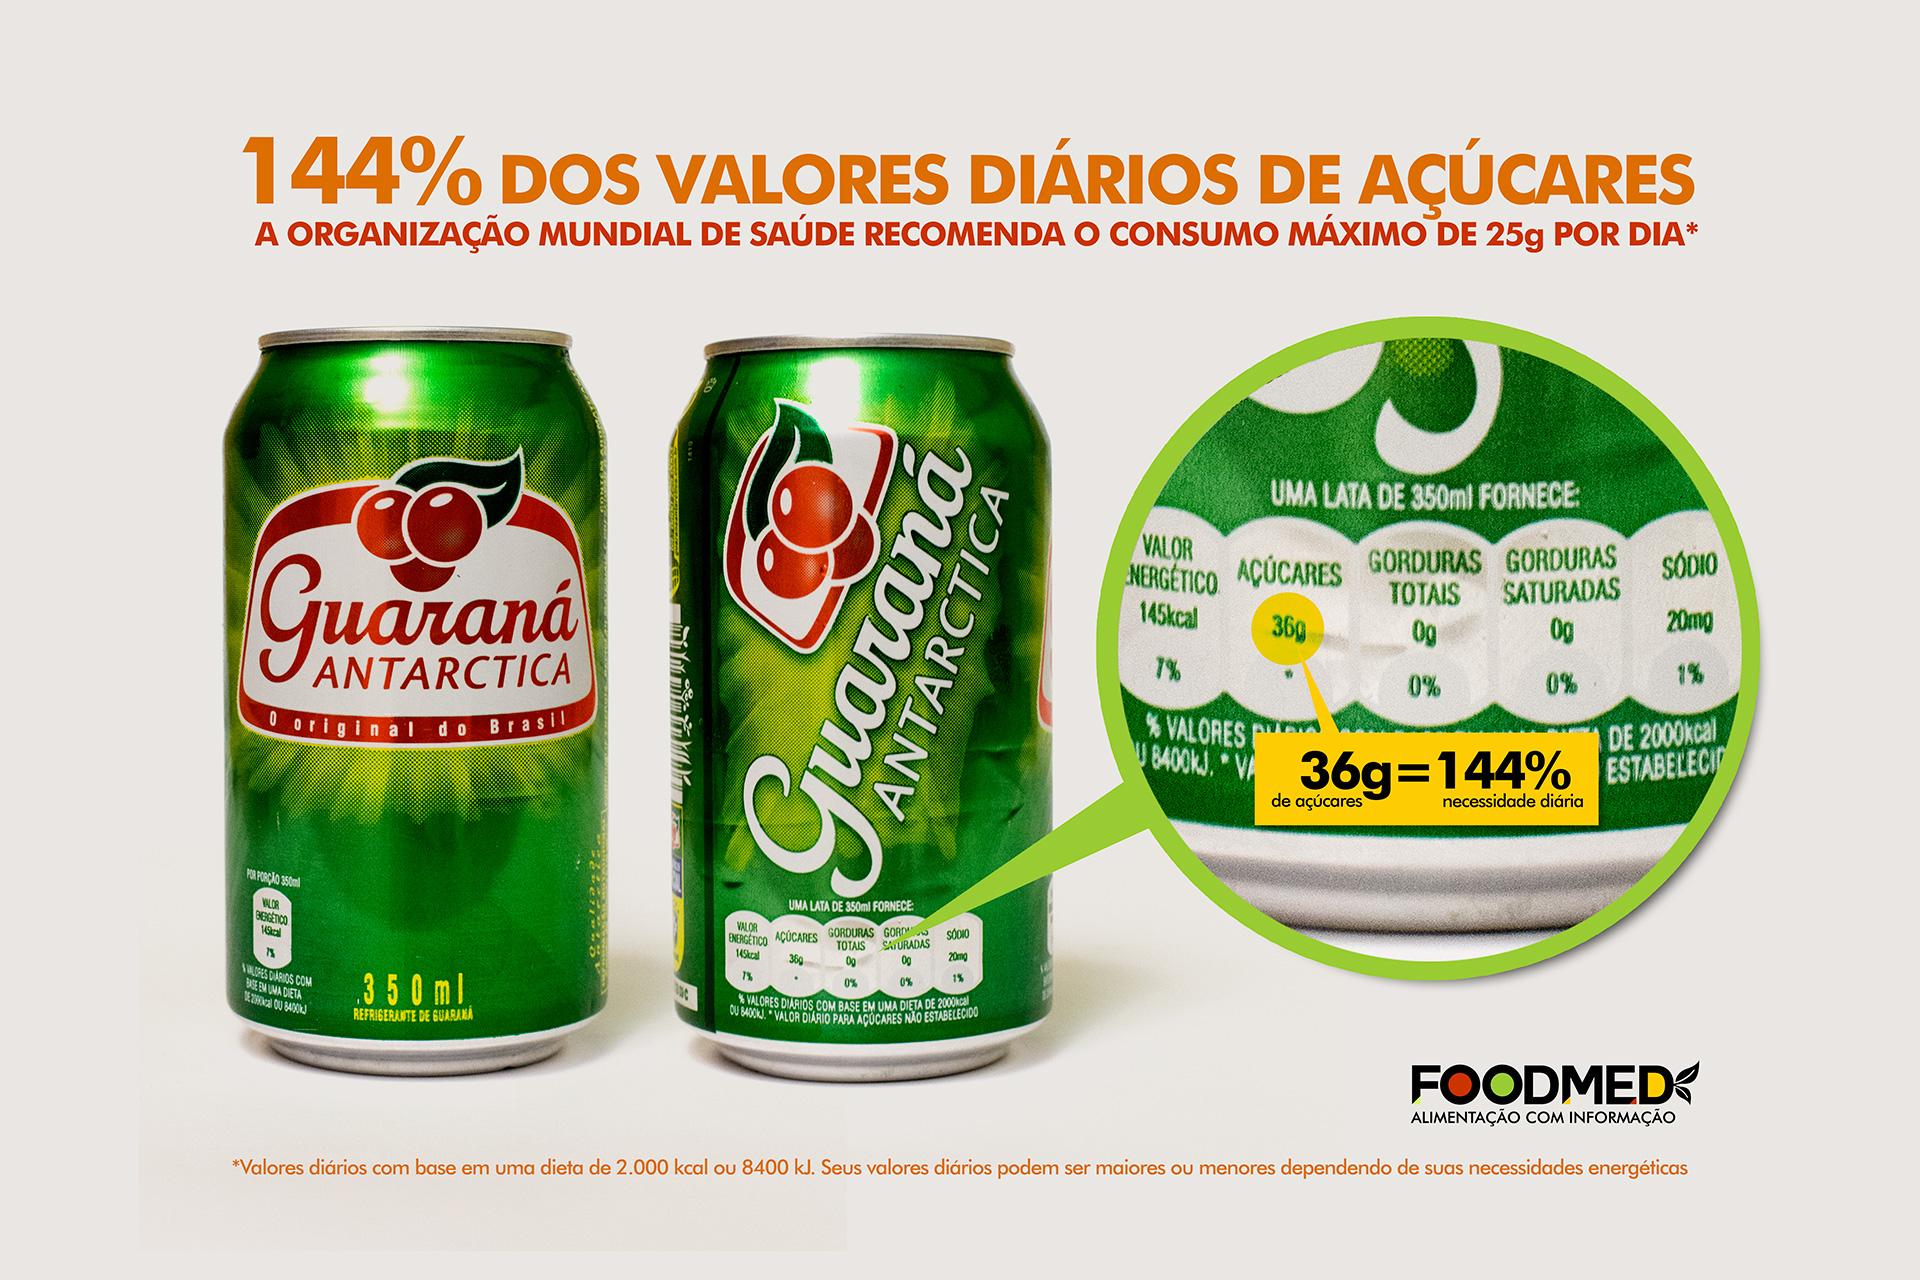 Quantidade de Açúcar no Guaraná Antarctica